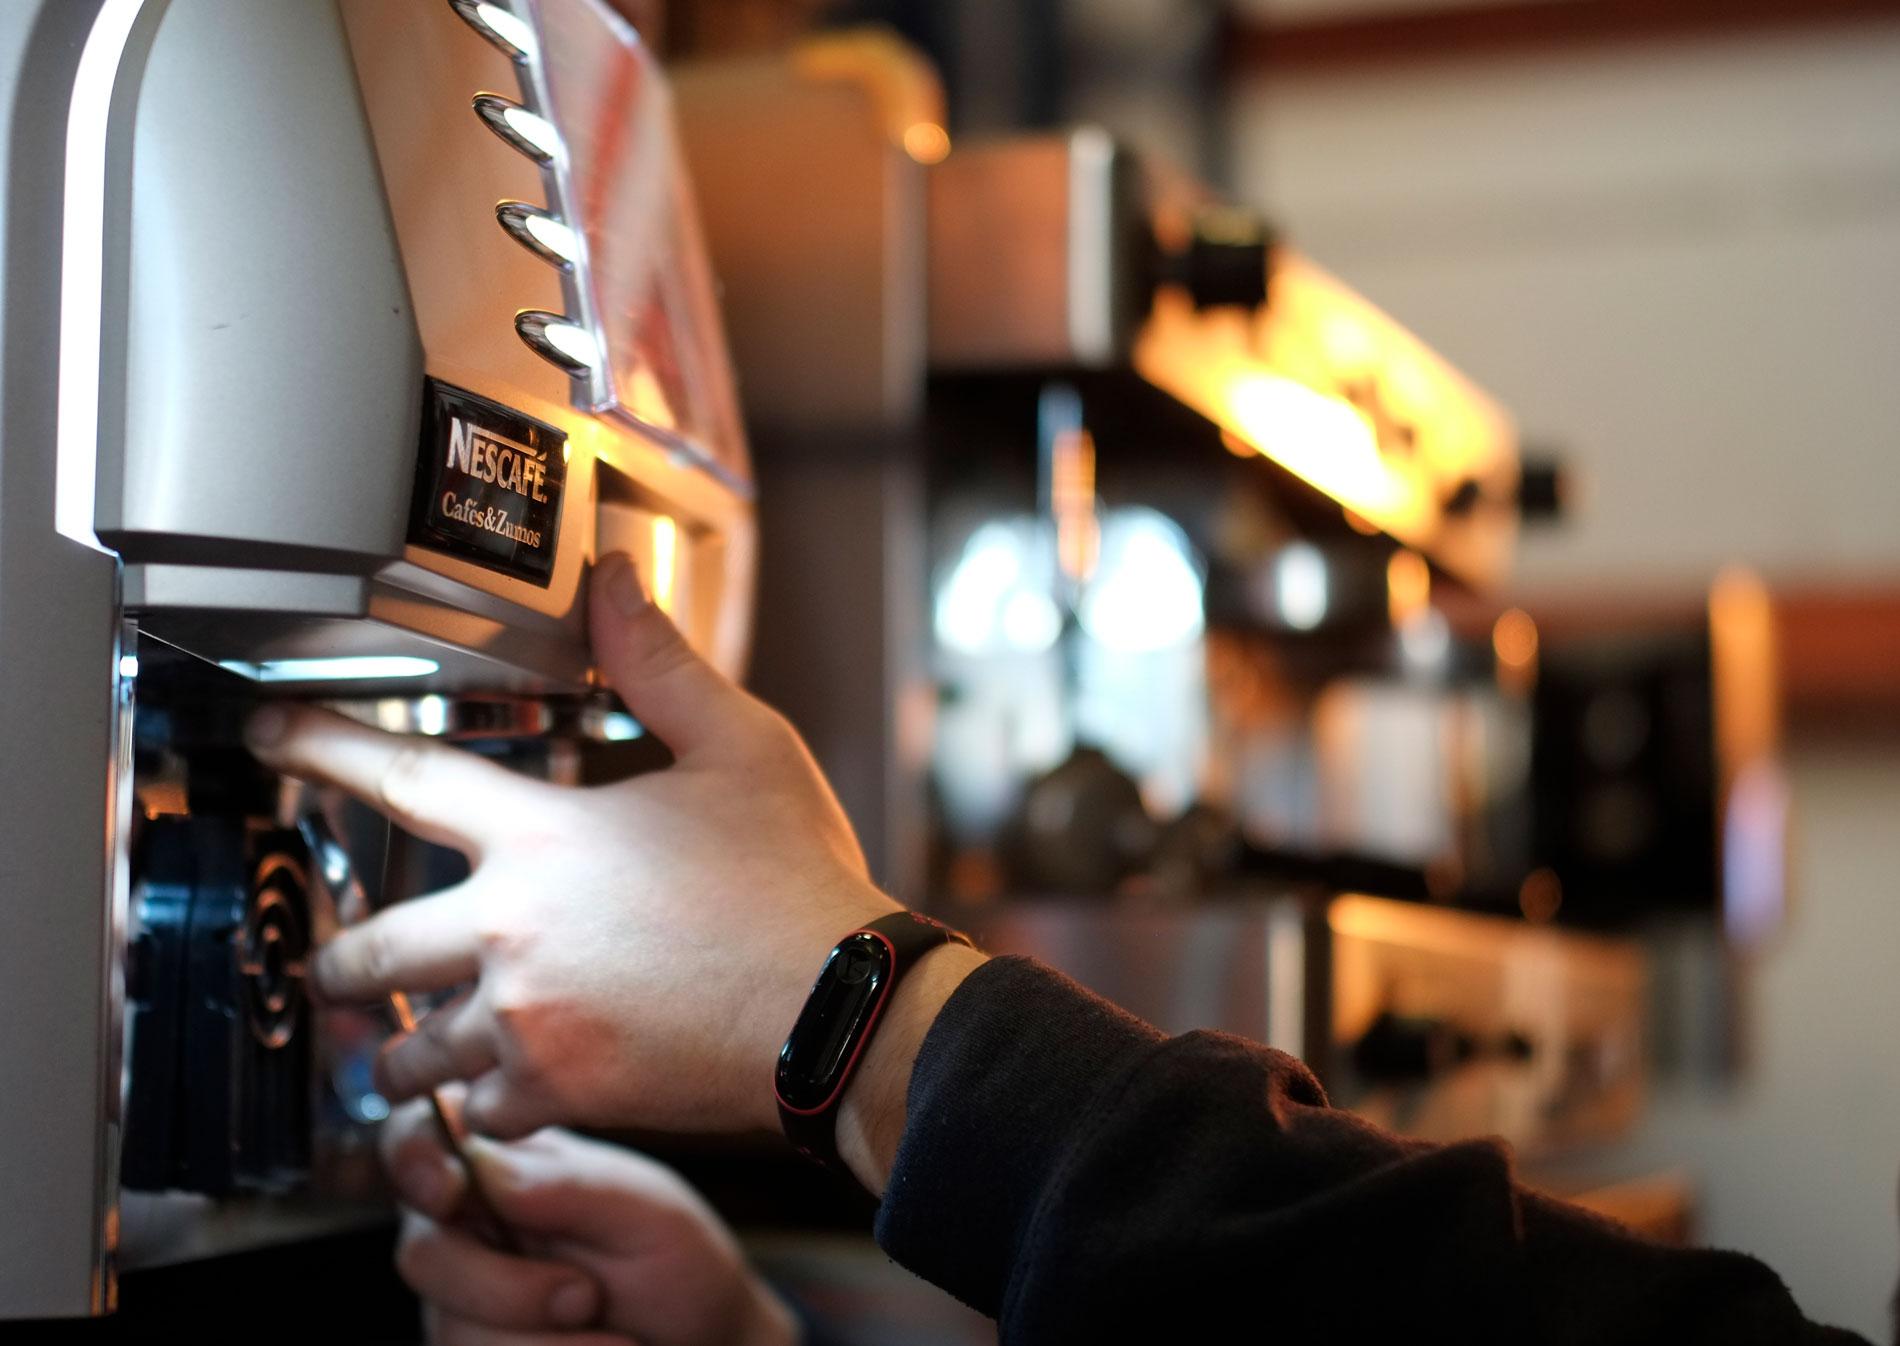 maquina de cafes para hoteles dispensing